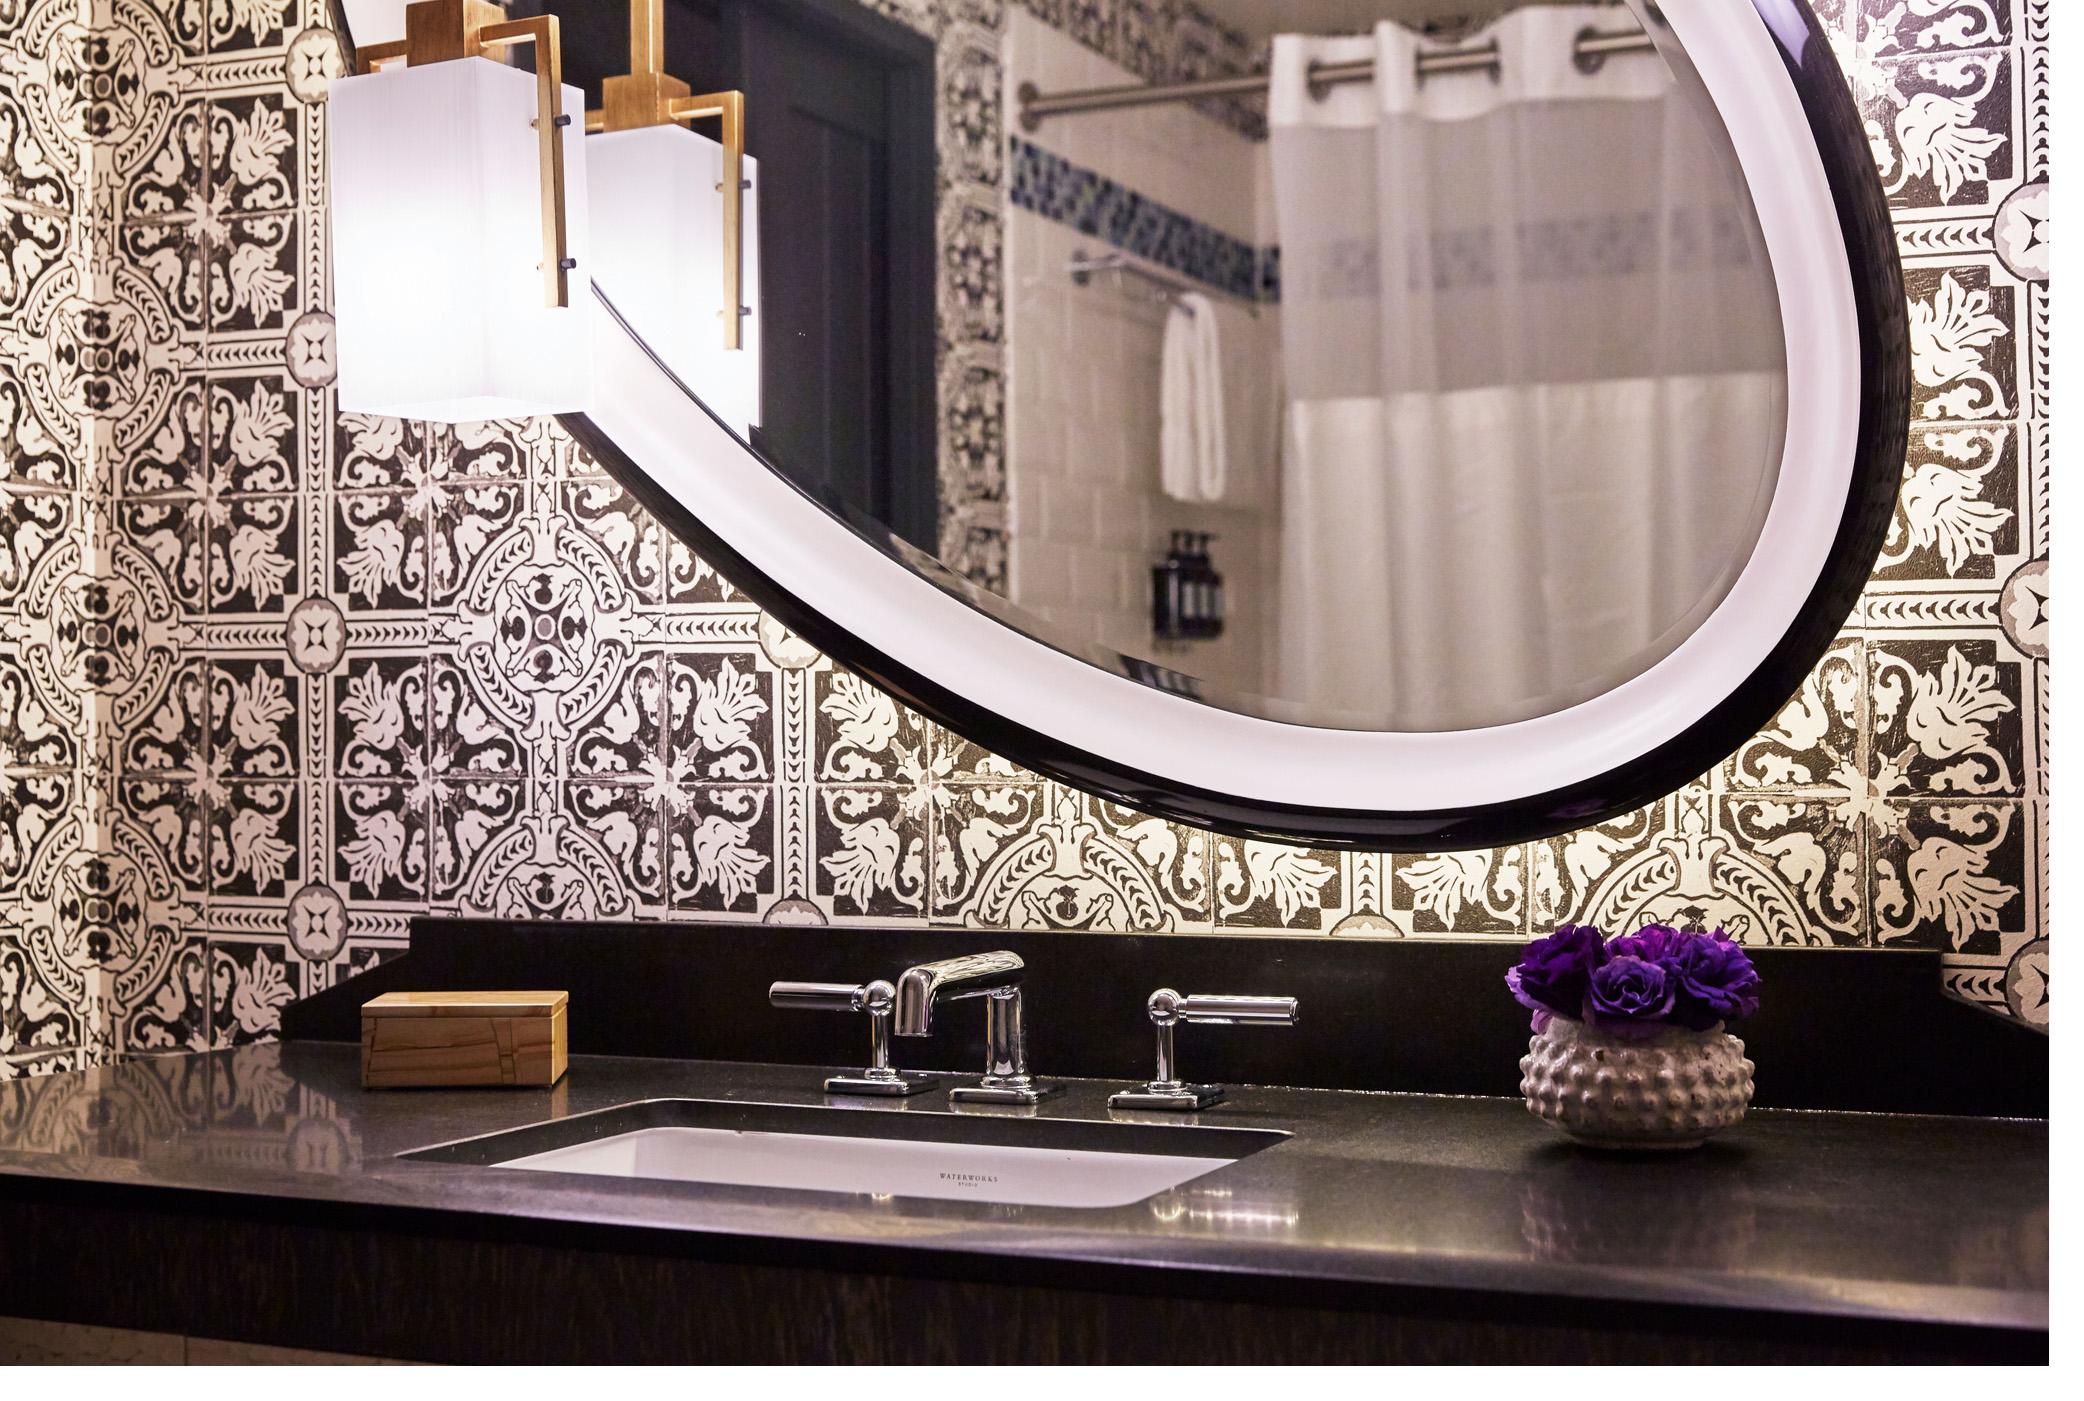 1017-Bathroom_0520_v1_72dpi.jpg